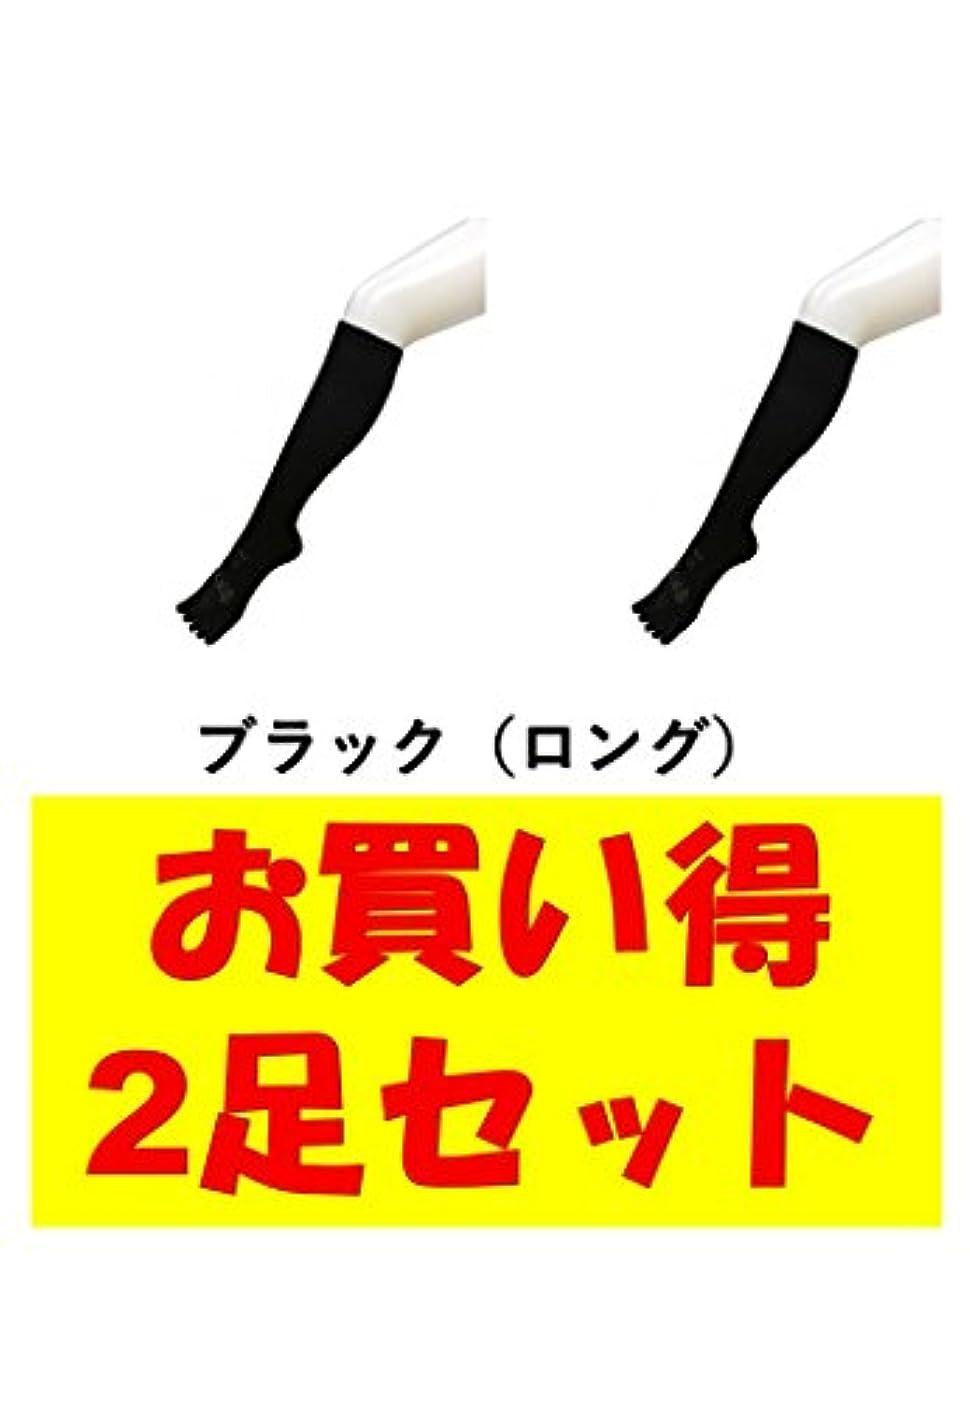 組み立てるボトルコンパクトお買い得2足セット 5本指 ゆびのばソックス ゆびのばロング ブラック 女性用 22.0cm-25.5cm HSLONG-BLK